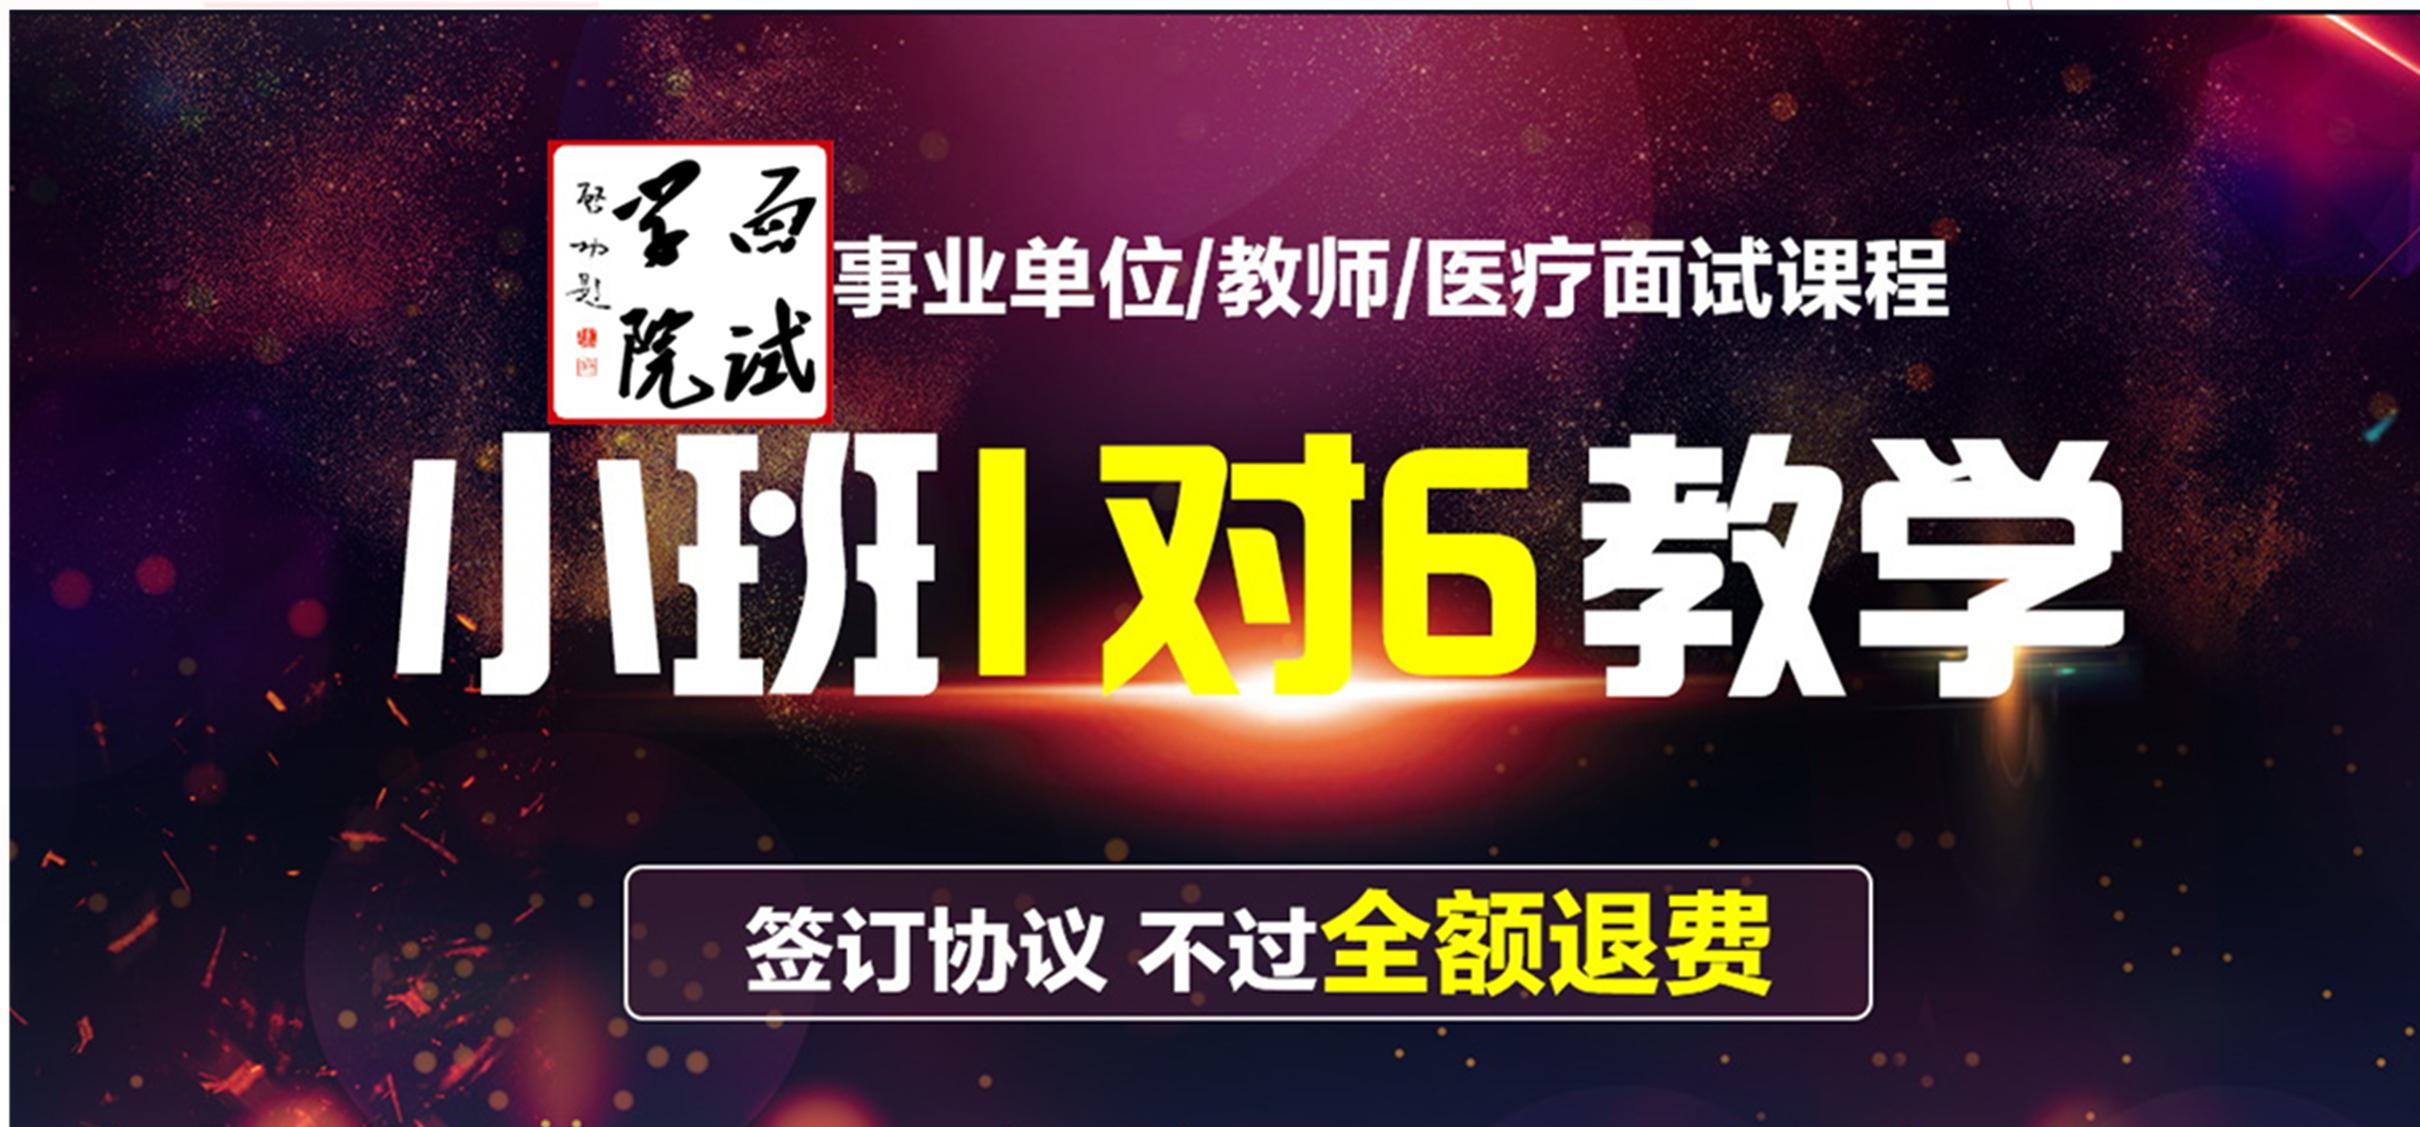 2018河南郑东新区招聘教育系统财务人员40名公告